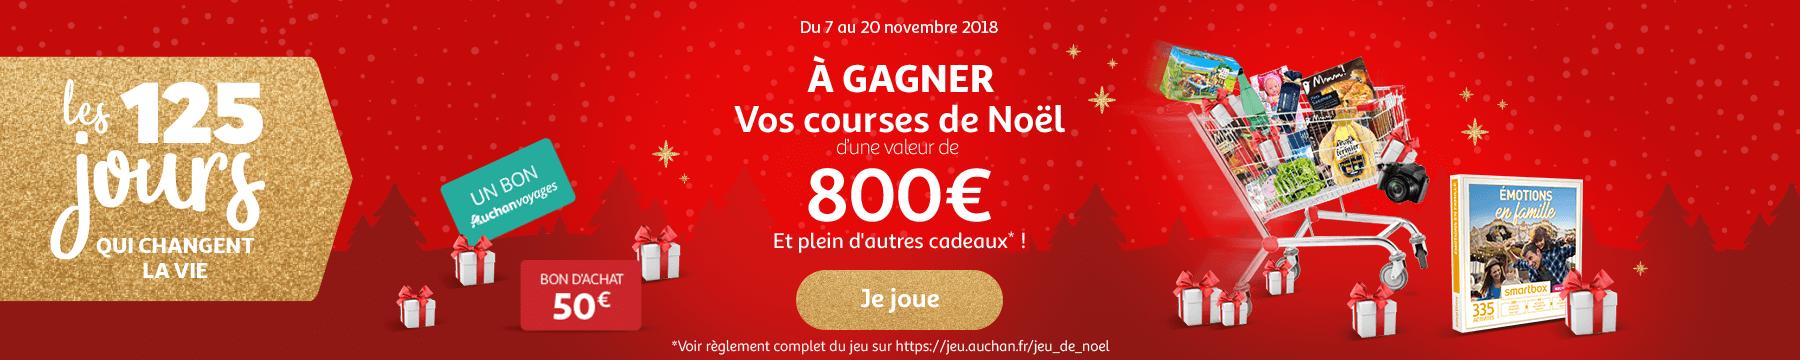 Grand Jeu Auchan - Gagnez vos courses de Noël d'une valeur de 800€